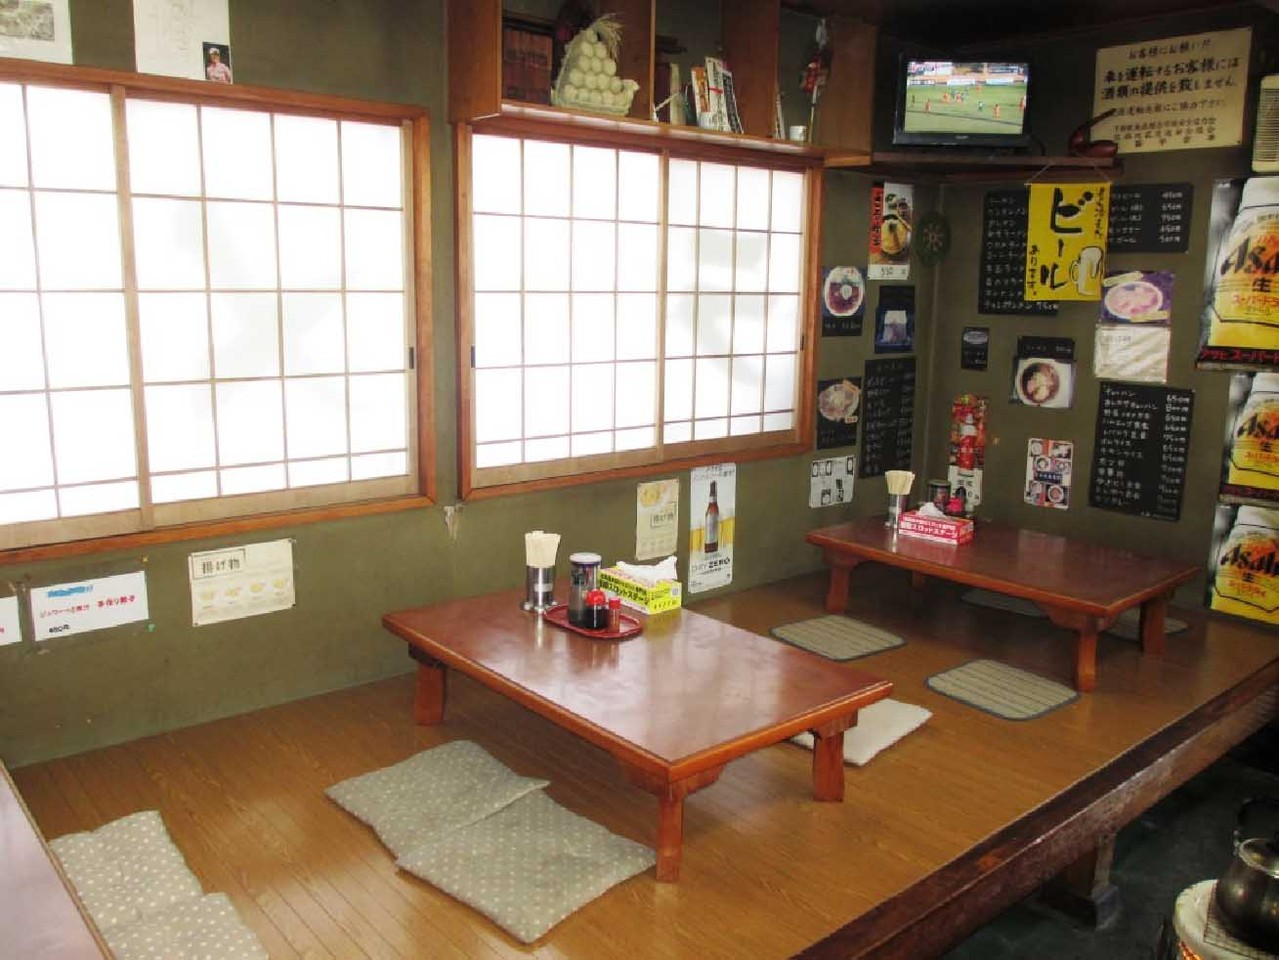 4人掛けテーブルが2台、小上がりには、4人掛けのテーブルが3台そしてカウンター4席が設置されている。